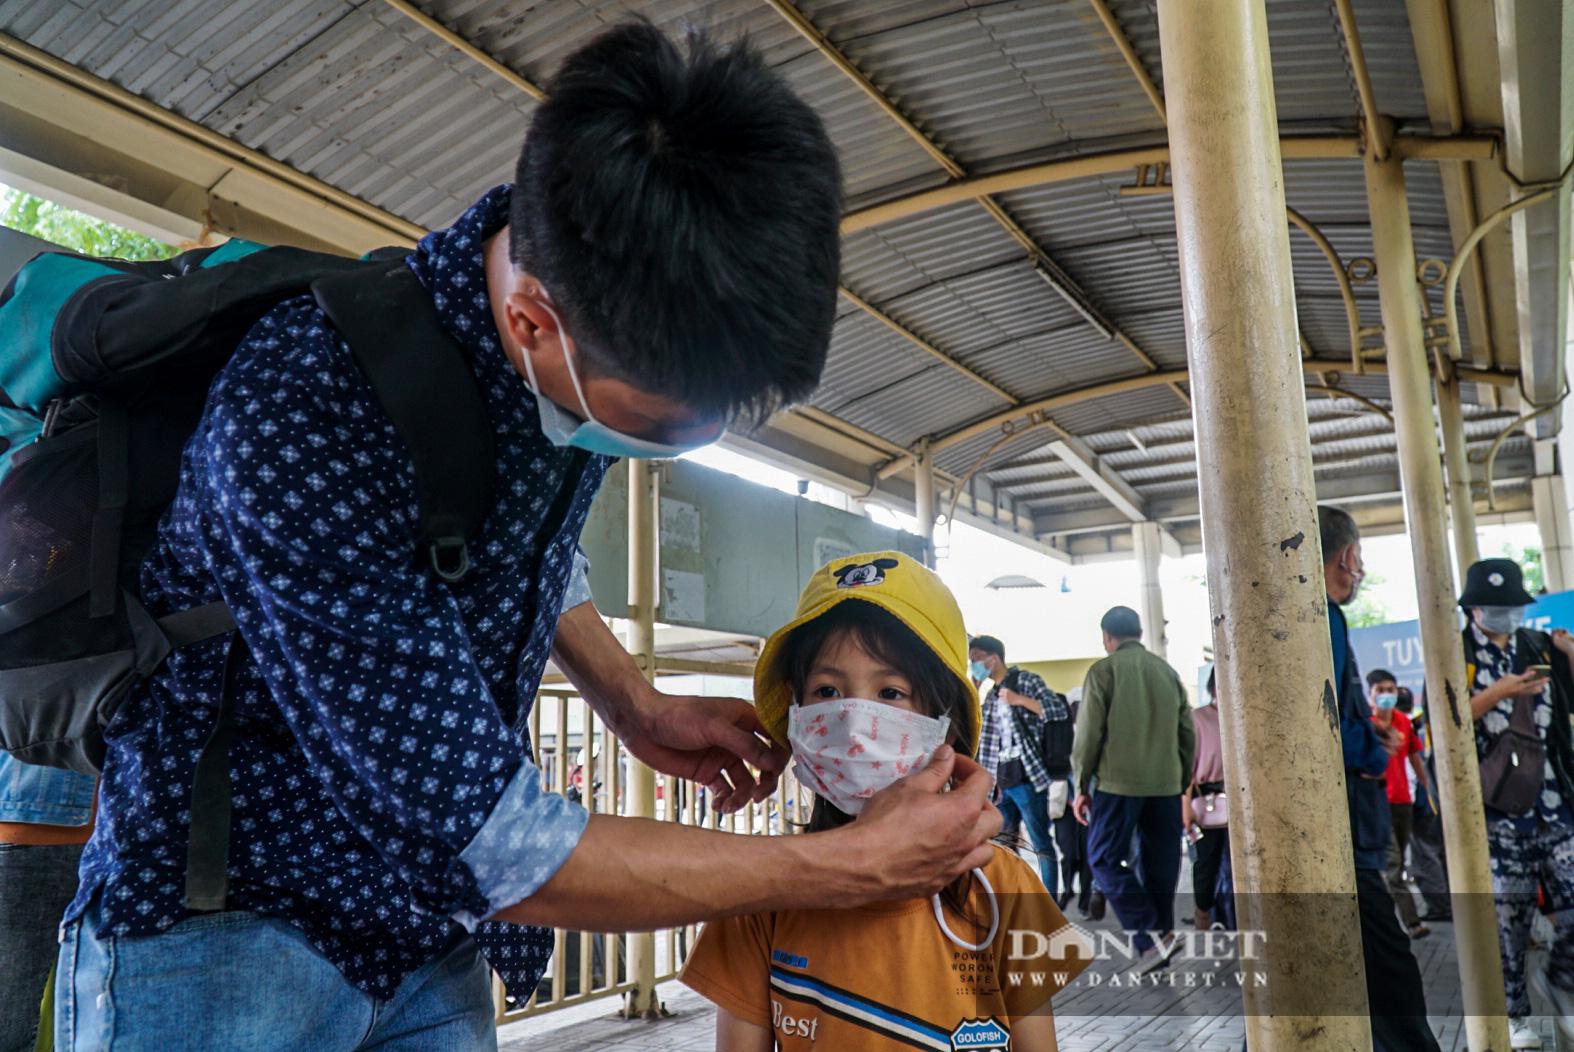 Lo sợ Covid-19 người dân 100% đeo khẩu trang tại các bến xe khi quay trở lại Hà Nội - Ảnh 5.